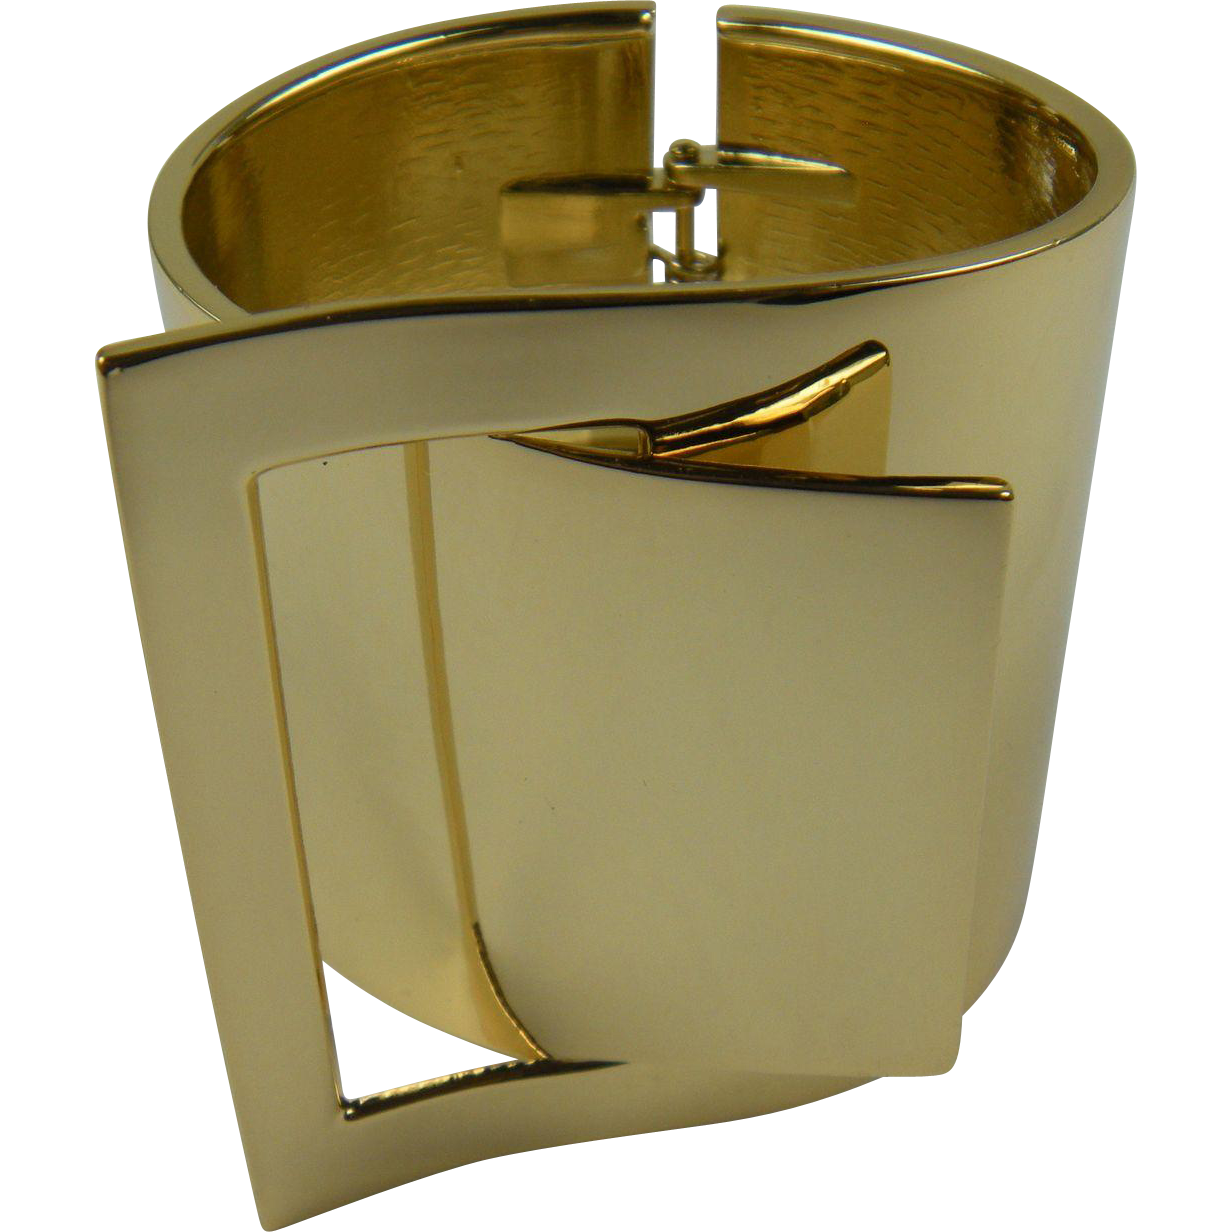 RESERVED FOR J: Designer Quality Modernist Cuff Bracelet